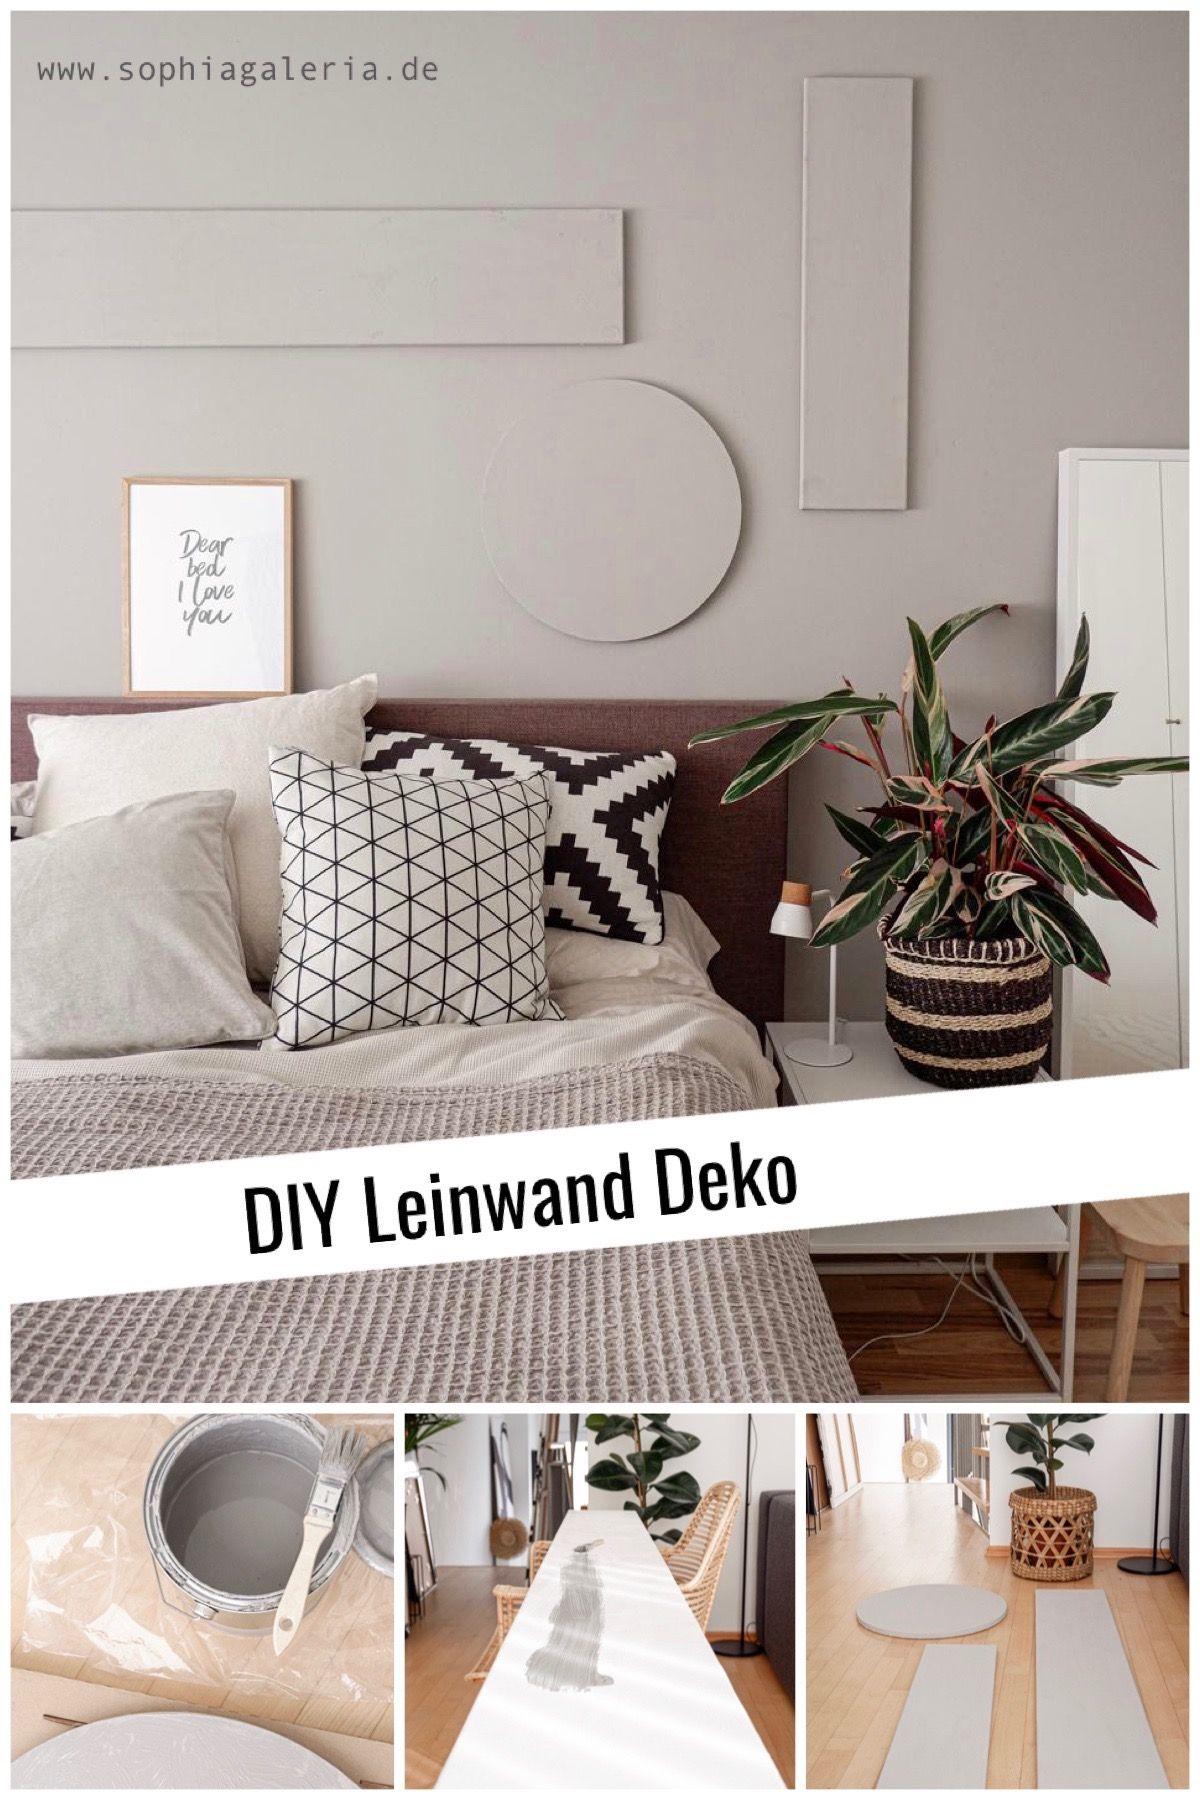 DIY Leinwand Deko mit Wandfarbe - sophiagaleria